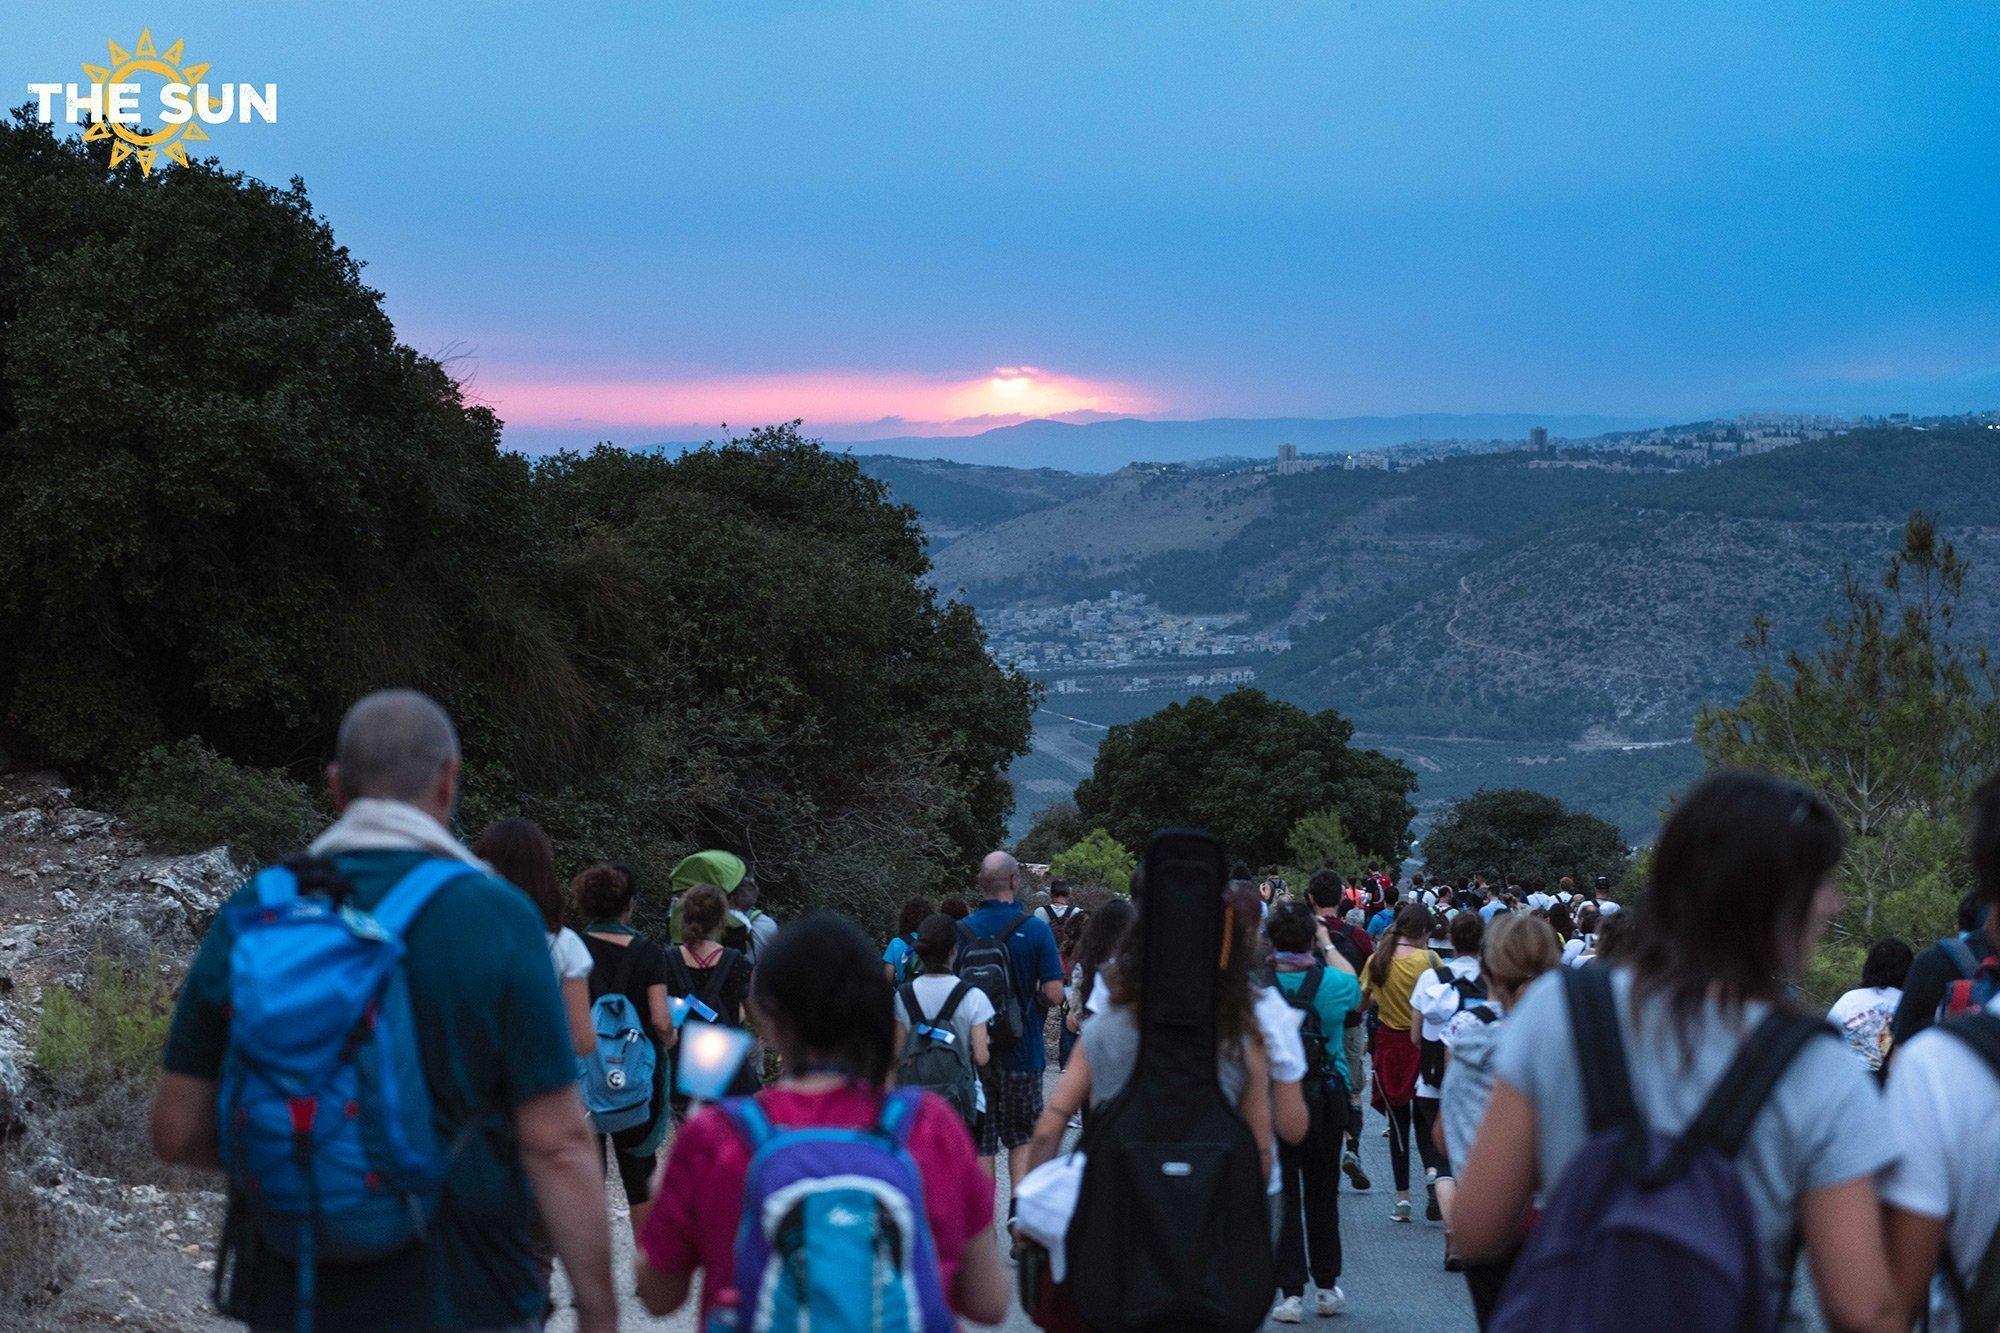 the sun in pellegrinaggio in terra santa